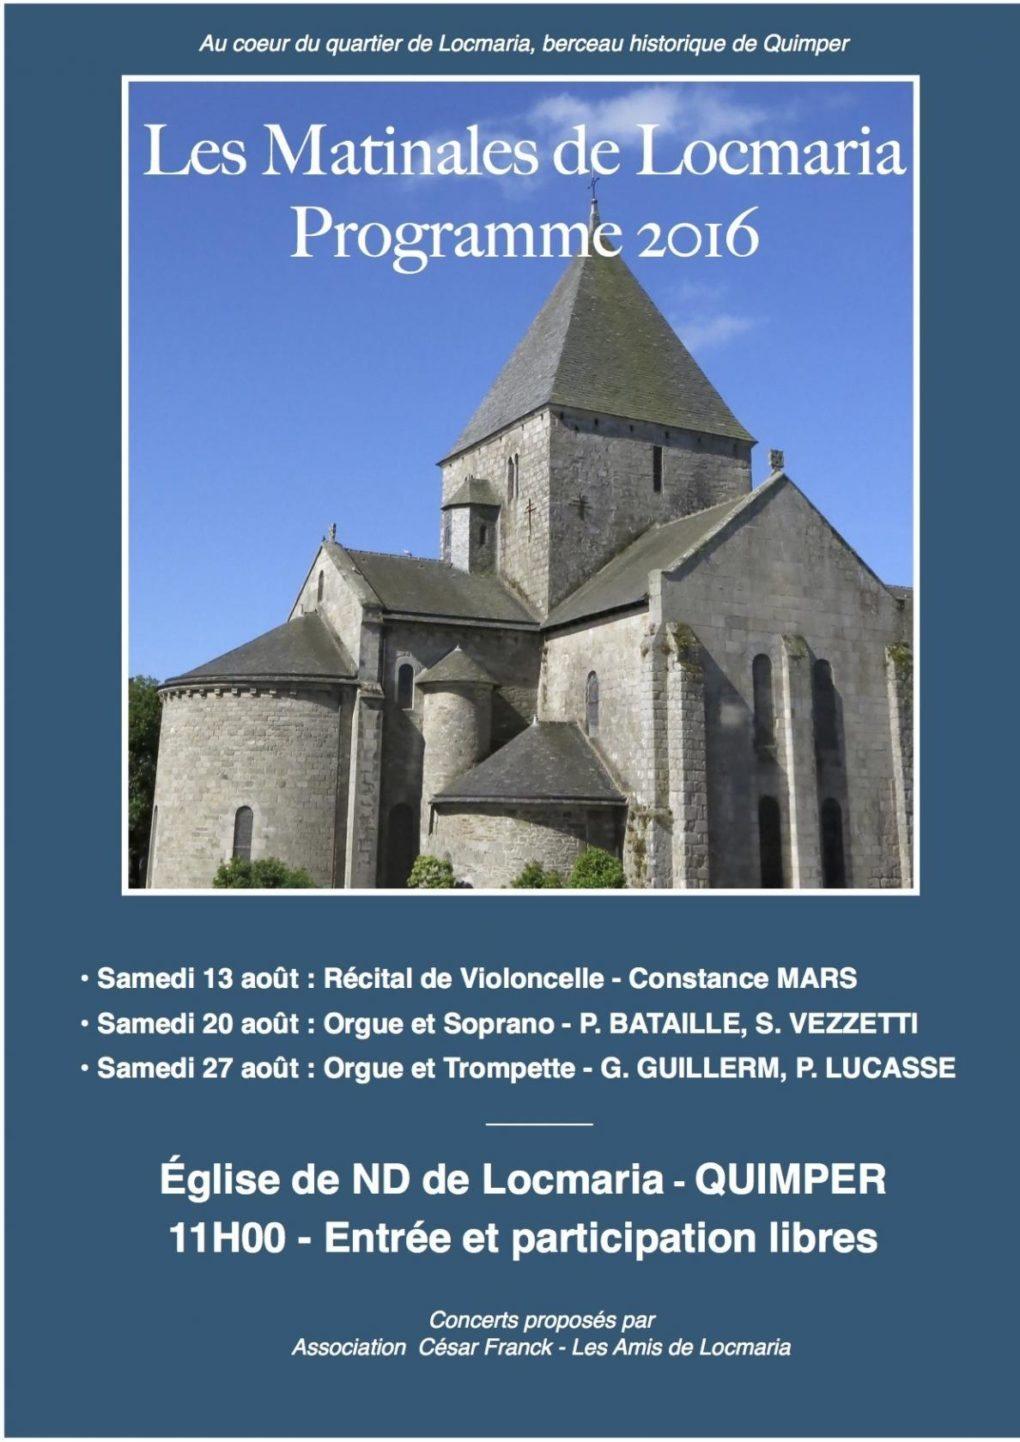 Concert des Matinales de Locmaria Quimper